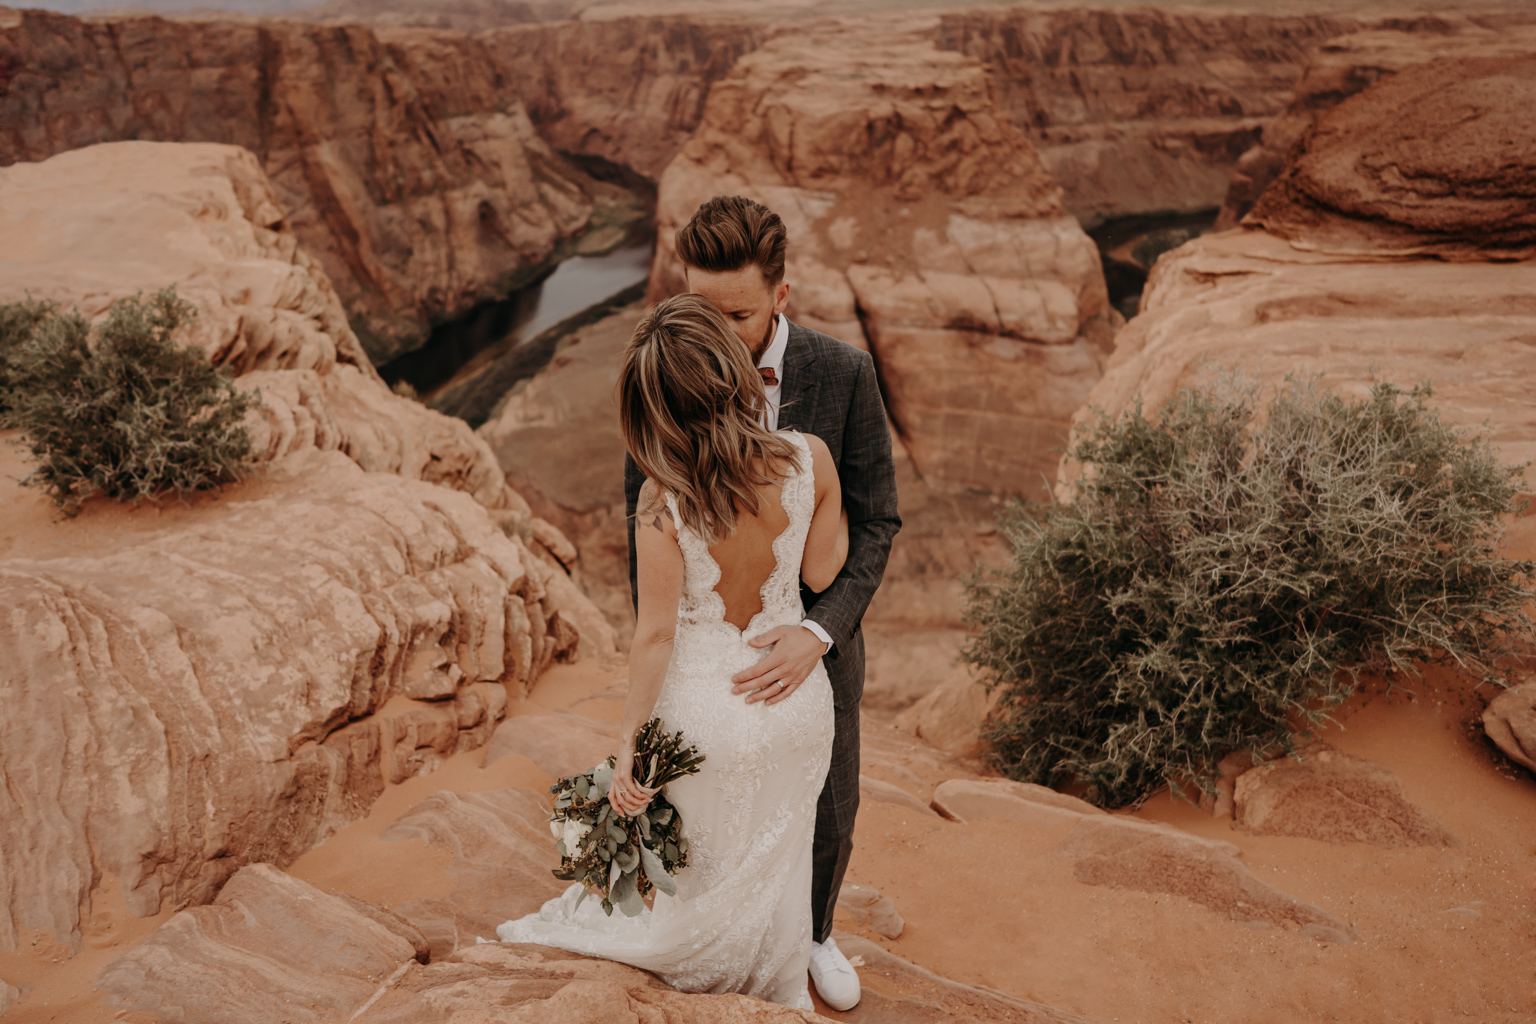 trouweninhetbuitenland_huwelijksfotografie_roxannedankers-5.jpg